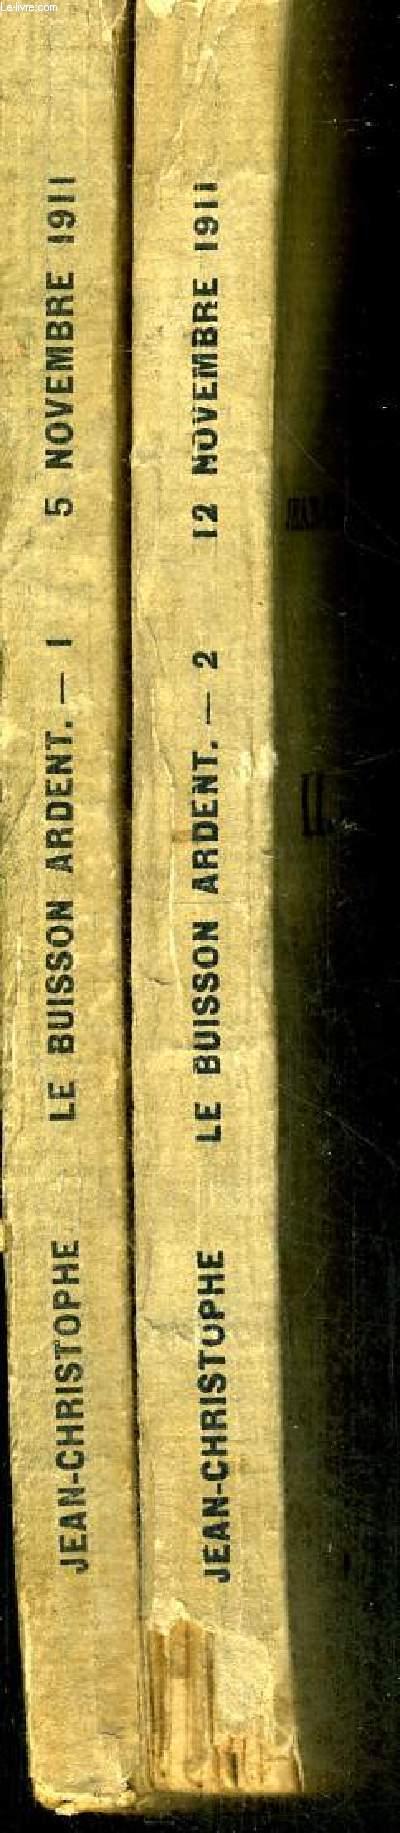 LE BUISSON ARDENT -  JEAN CHRISTOPHE - III. LA FIN DU VOYAGE - 2 VOLUMES - TOMES 1 ET 2